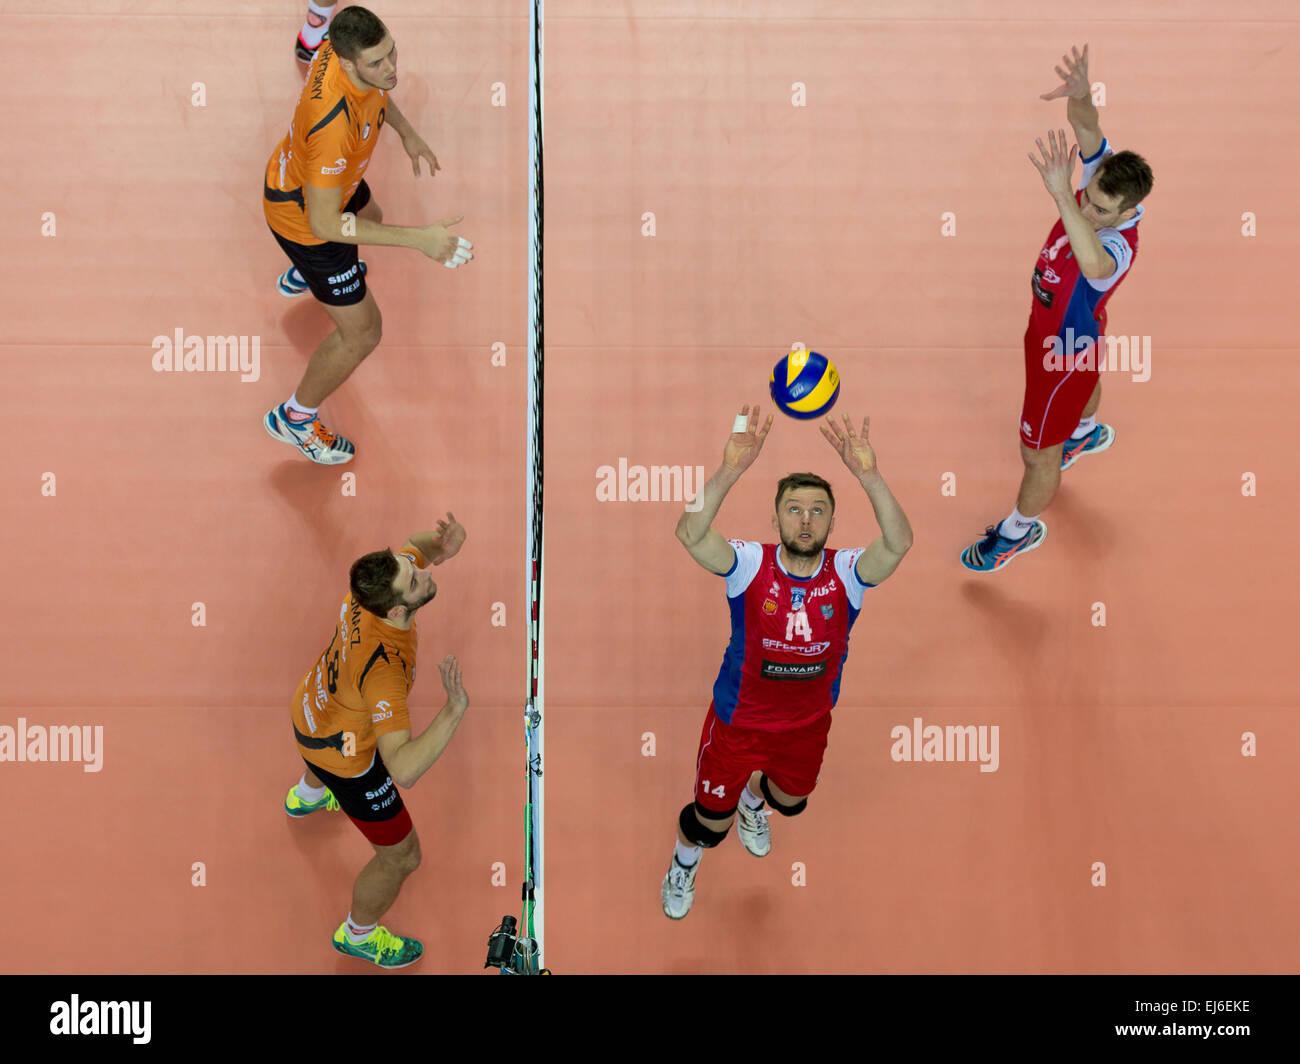 LUBIN, POLONIA - Enero 19, 2015: Grzegorz Pajak (14) en acción durante el match PlusLiga en voleibol entre Imagen De Stock